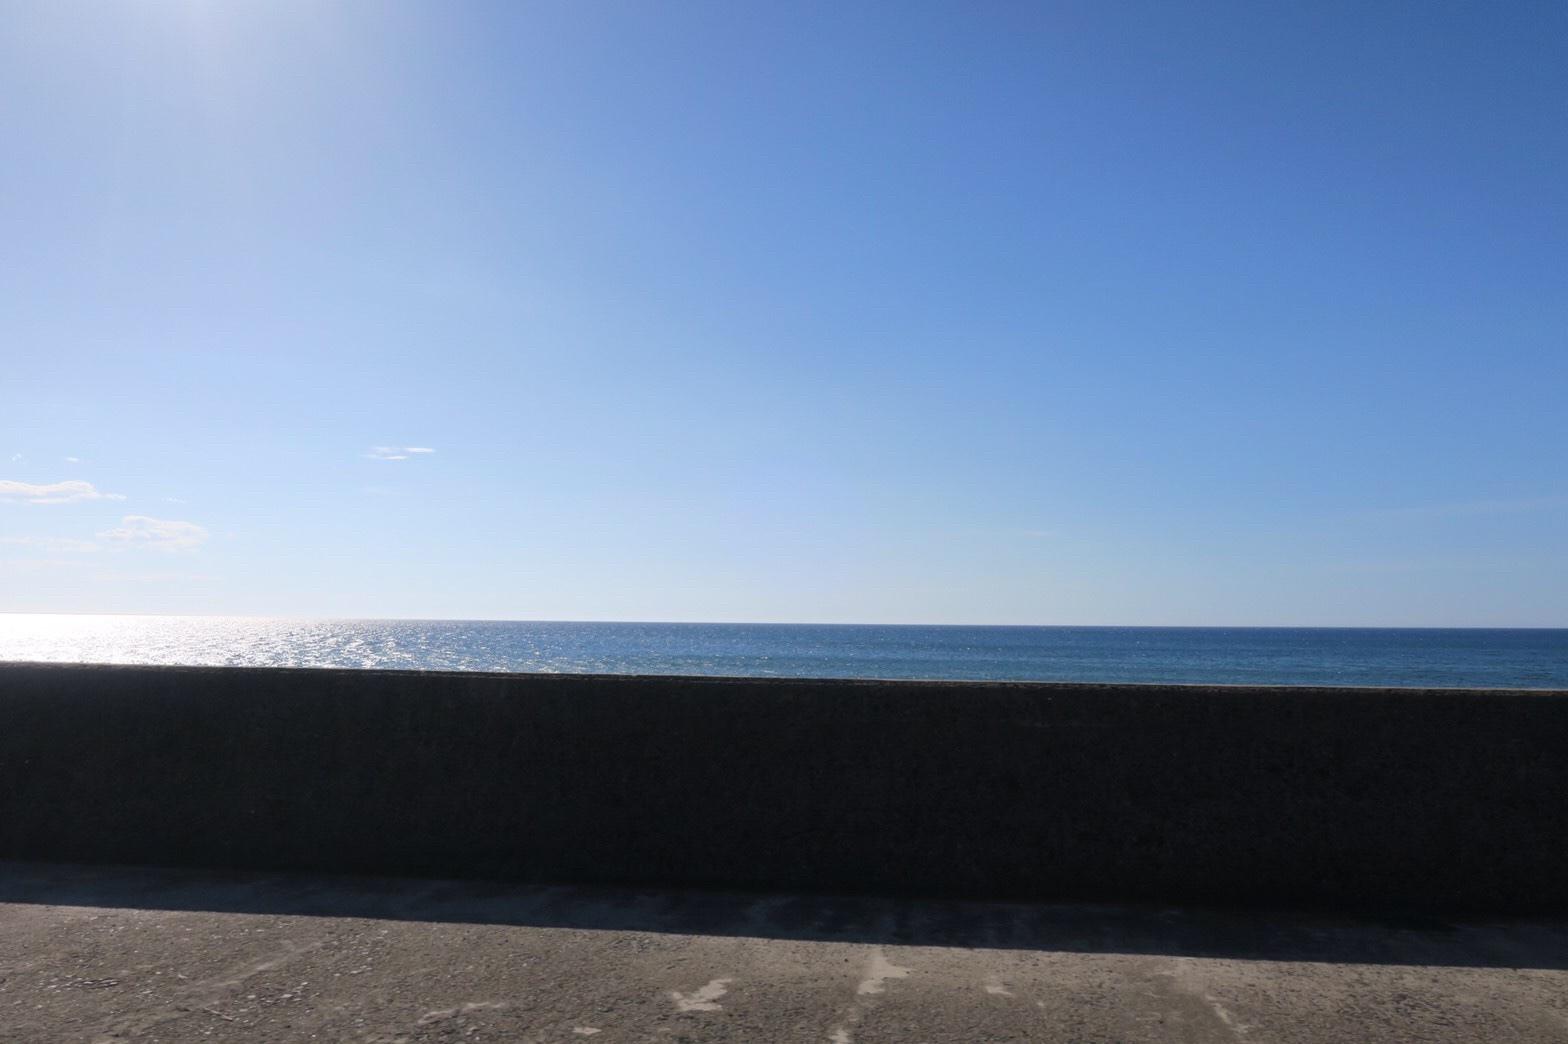 夏の記憶②  鹿児島〜阿蘇〜萩〜出雲_c0274374_16535778.jpeg